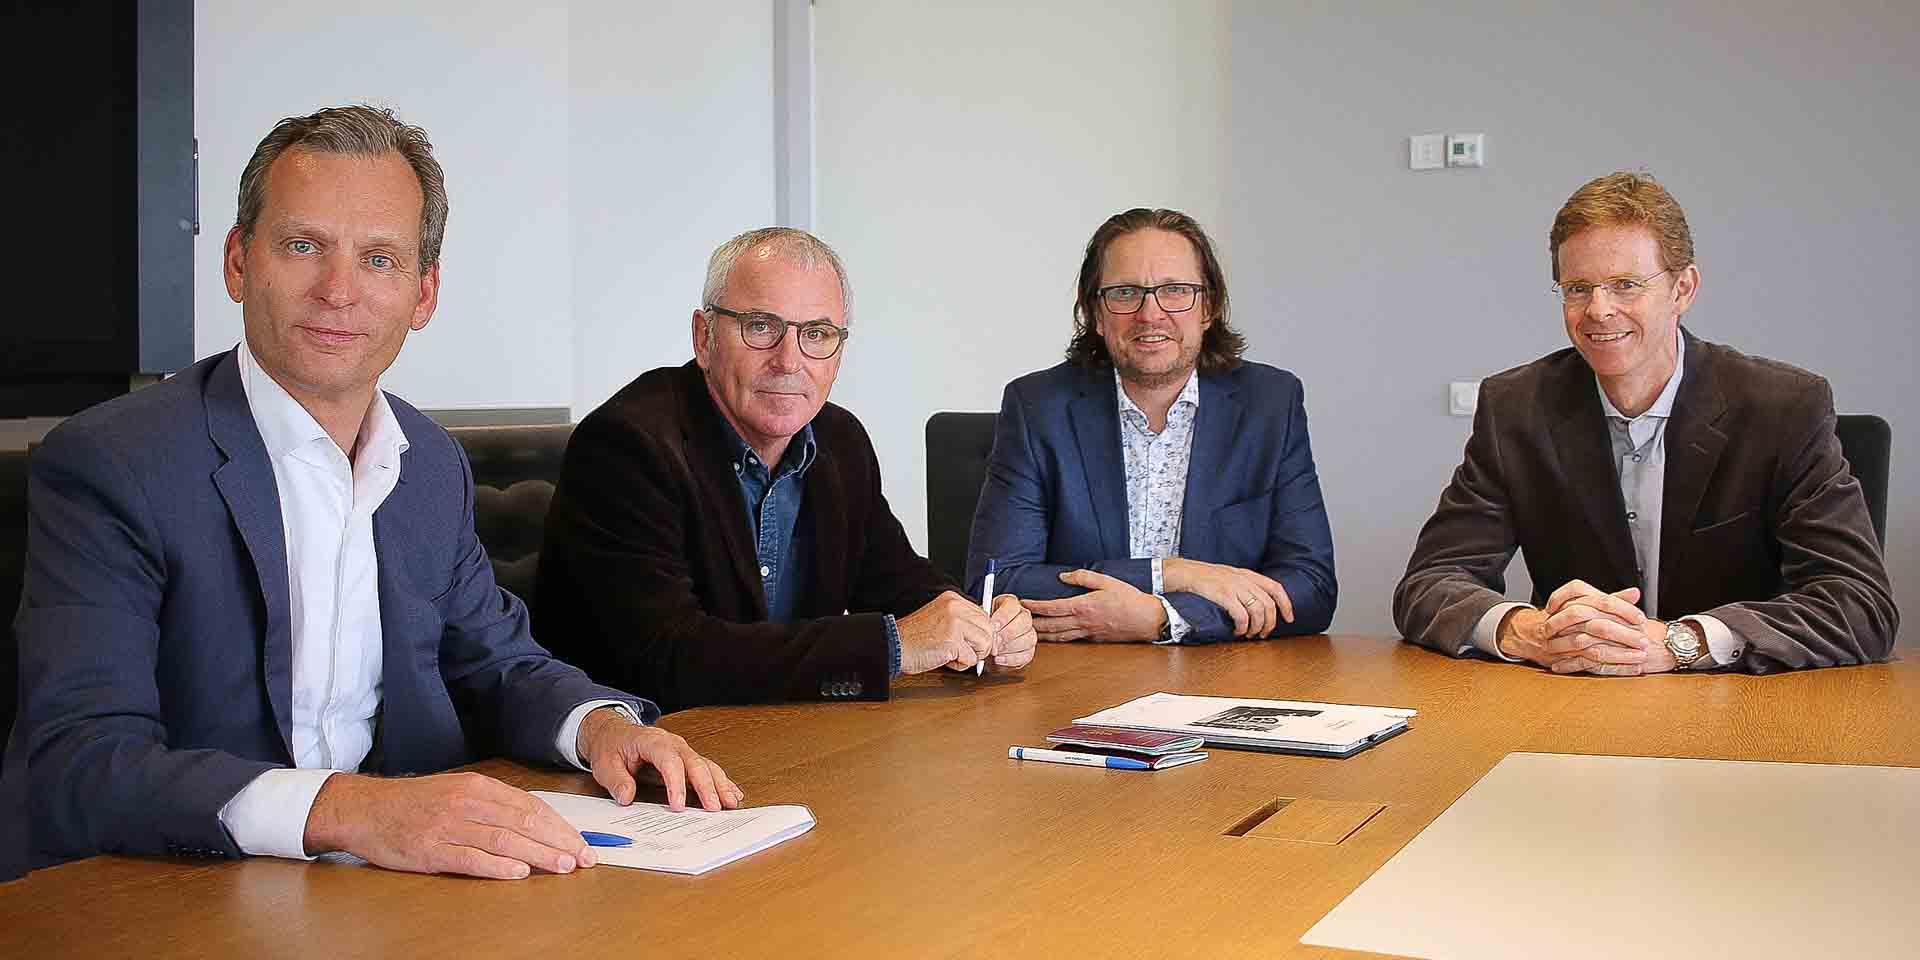 Cegeka-dsa neemt dataspecialist CNS over